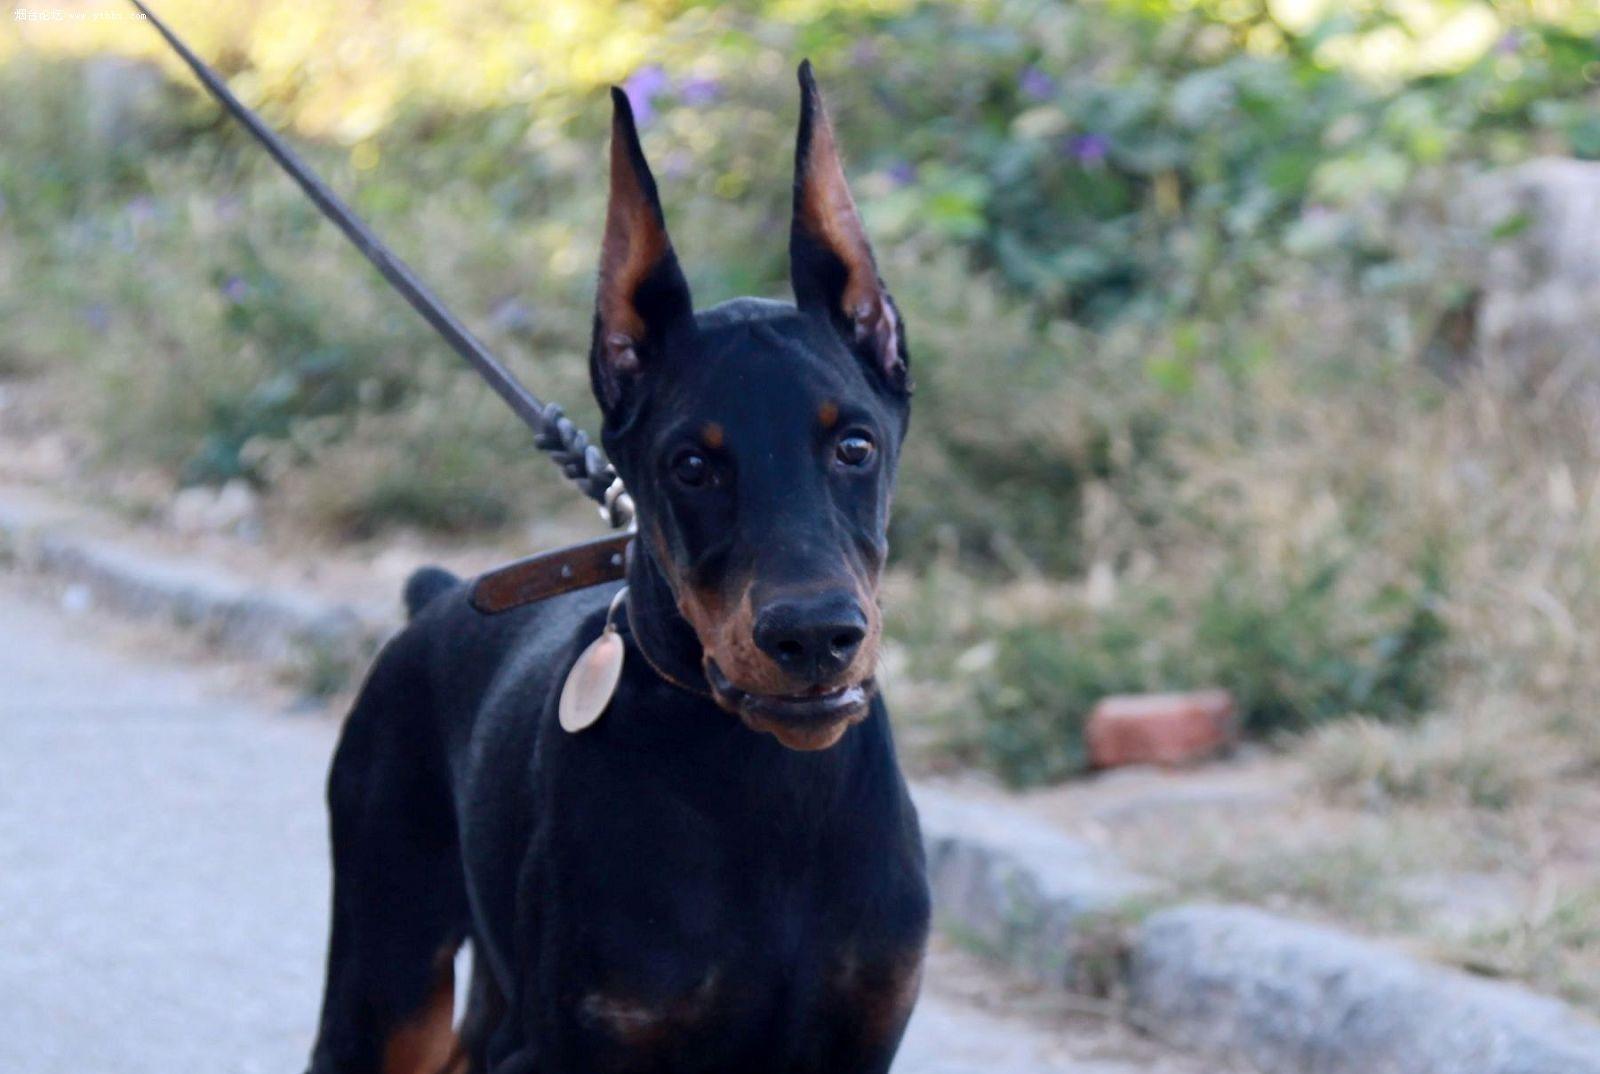 杜宾犬杜高犬卡斯罗犬修剪耳朵后要注意什么